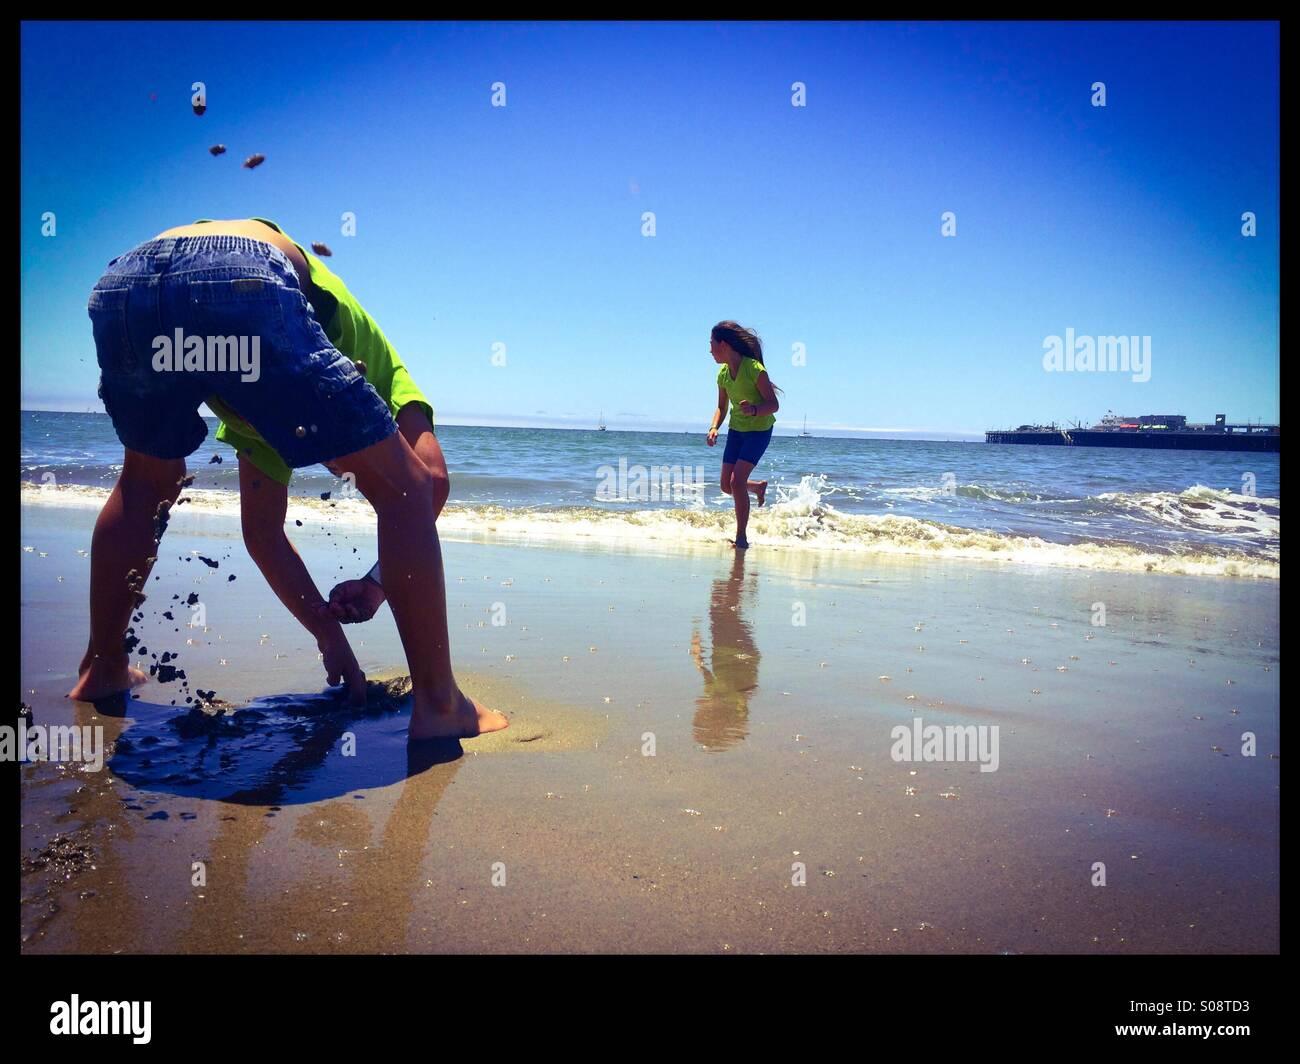 A los diez años de edad y seis años, hermano y hermana, jugar en la Playa Estatal de Seabright. Santa Imagen De Stock